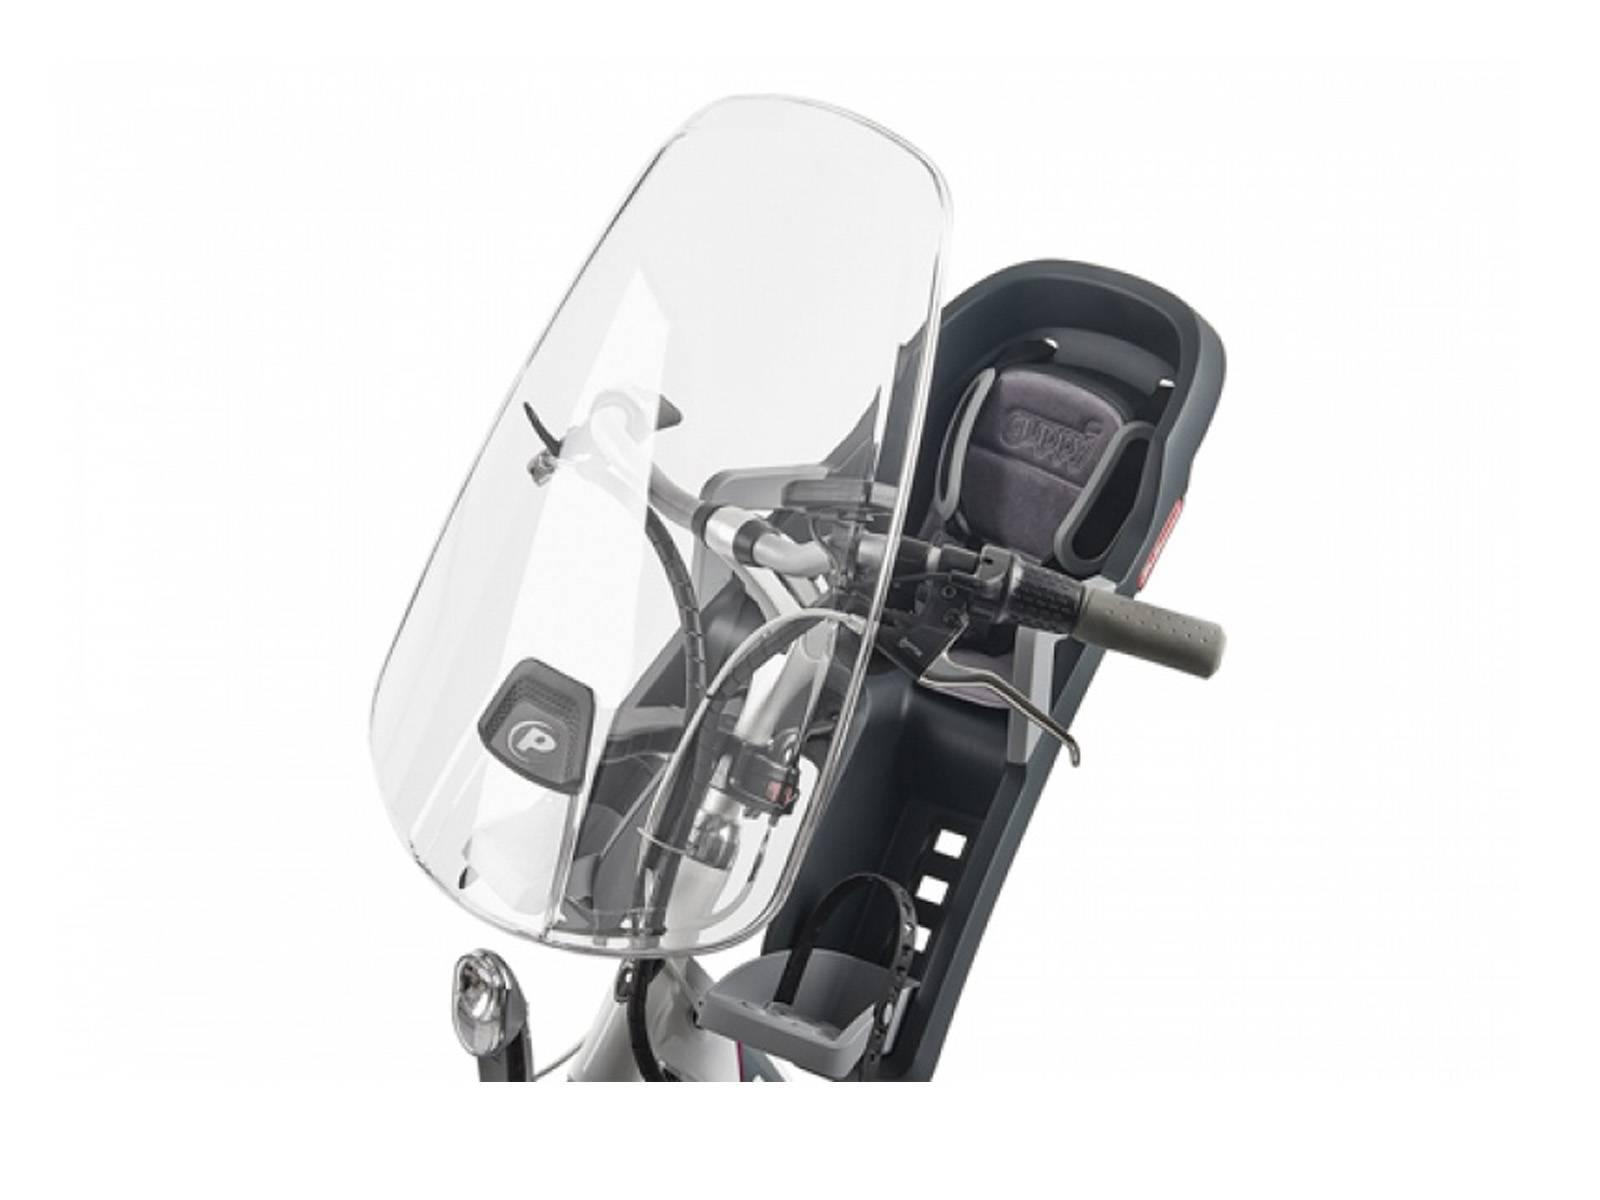 Polisport Windschutzscheibe Fahrrad Kindersitz Vorne Fahrradkomfort